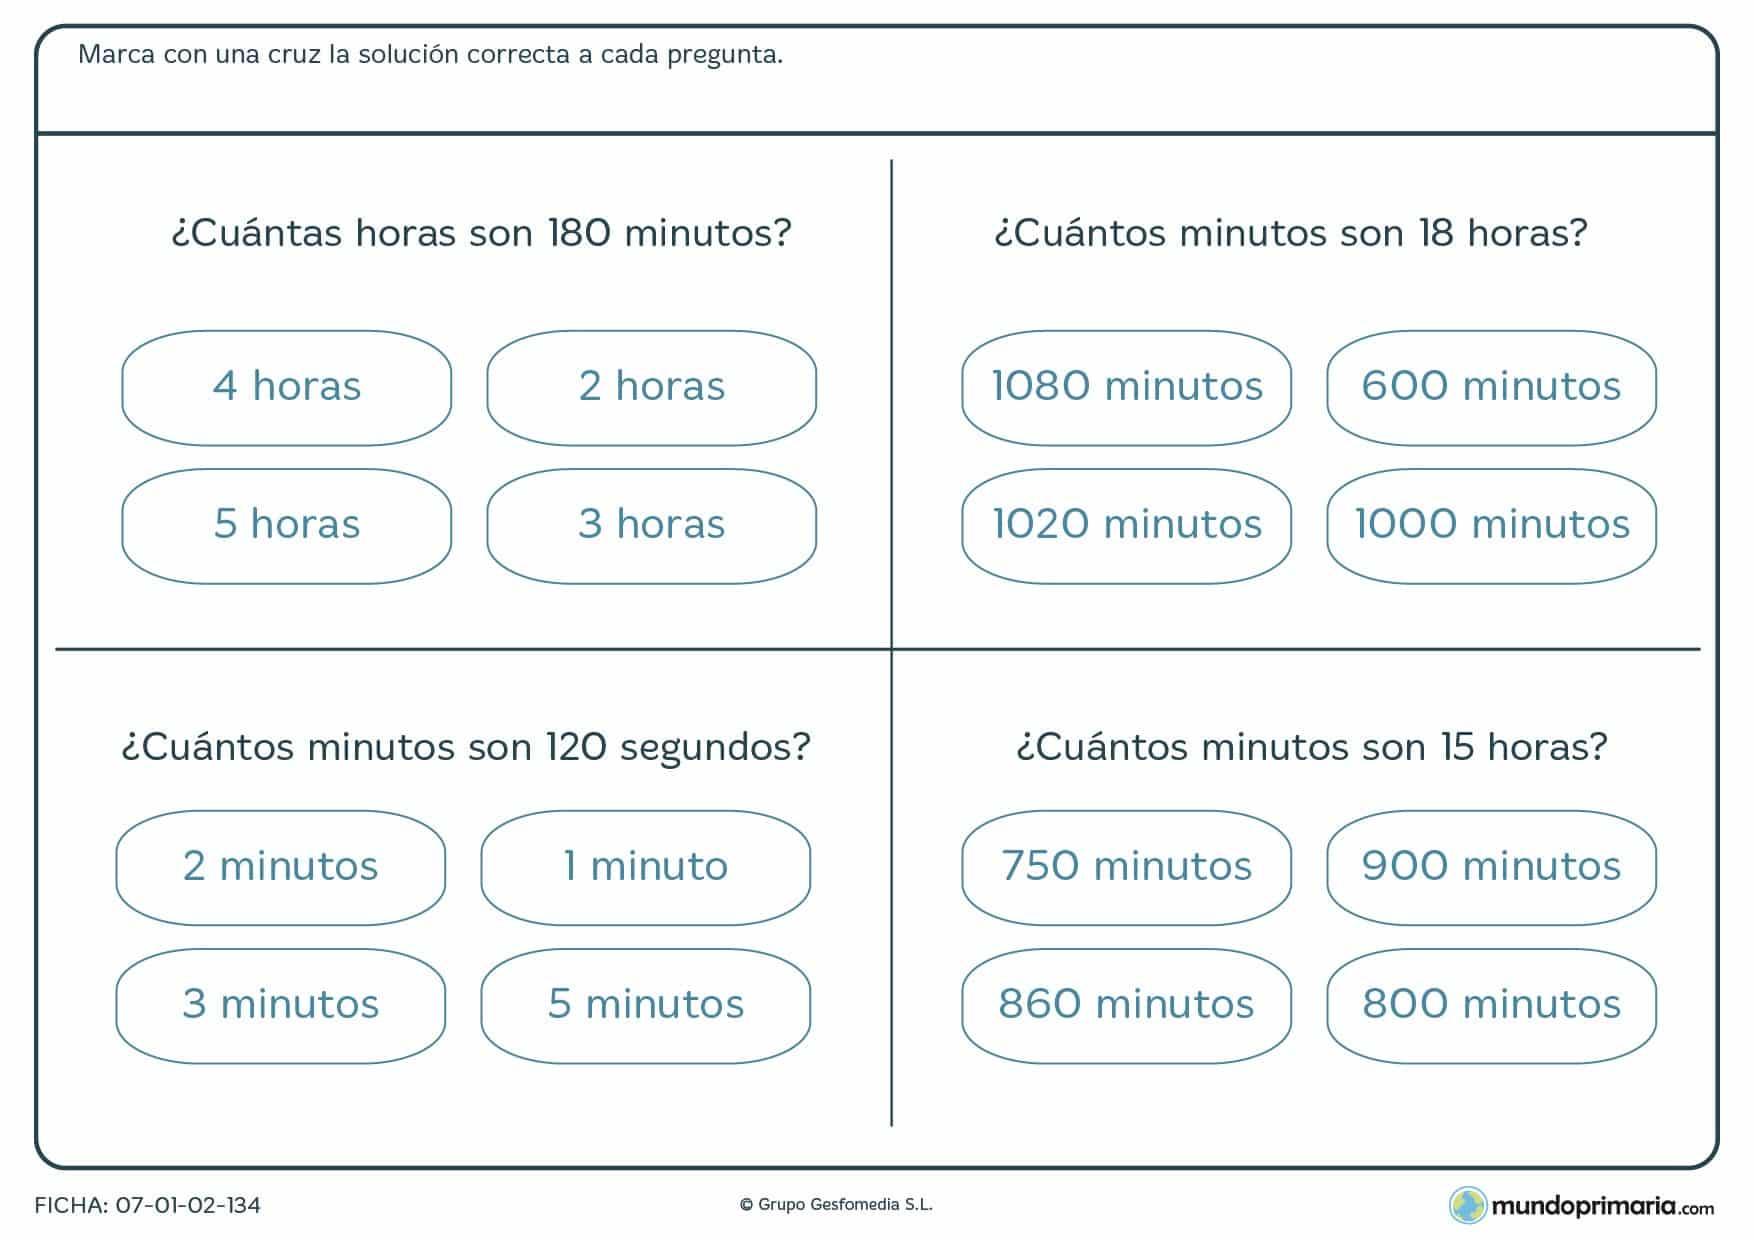 Ficha de minutos y horas y segundos, cuánto es la equivalencia entre ellas. Marca la cifra correcta.